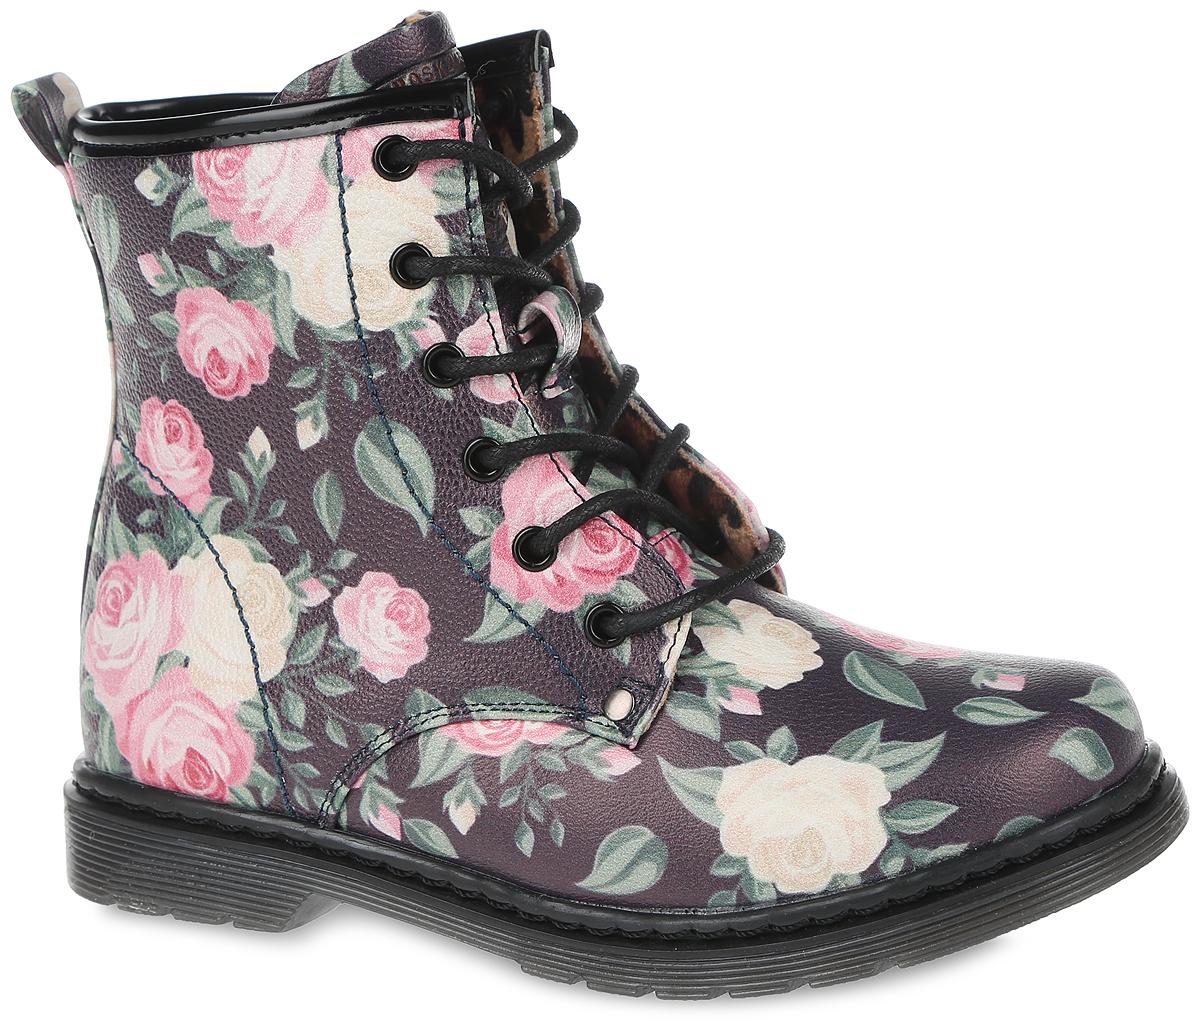 Ботинки для девочки. 635-551-10635-551-10Прелестные ботинки от Adagio приведут в восторг маленькую модницу! Модель выполнена из искусственной кожи и оформлена цветочным принтом, ботинки застегиваются на застежку-молнию, расположенную на боковой стороне. Шнуровка прочно зафиксирует обувь на ноге. Подкладка и стелька, исполненные из мягкого текстиля, комфортны при ходьбе. Низкий каблук и подошва с протектором обеспечивают идеальное сцепление с любыми поверхностями. Удобные и модные ботинки - необходимая вещь в гардеробе каждого ребенка.